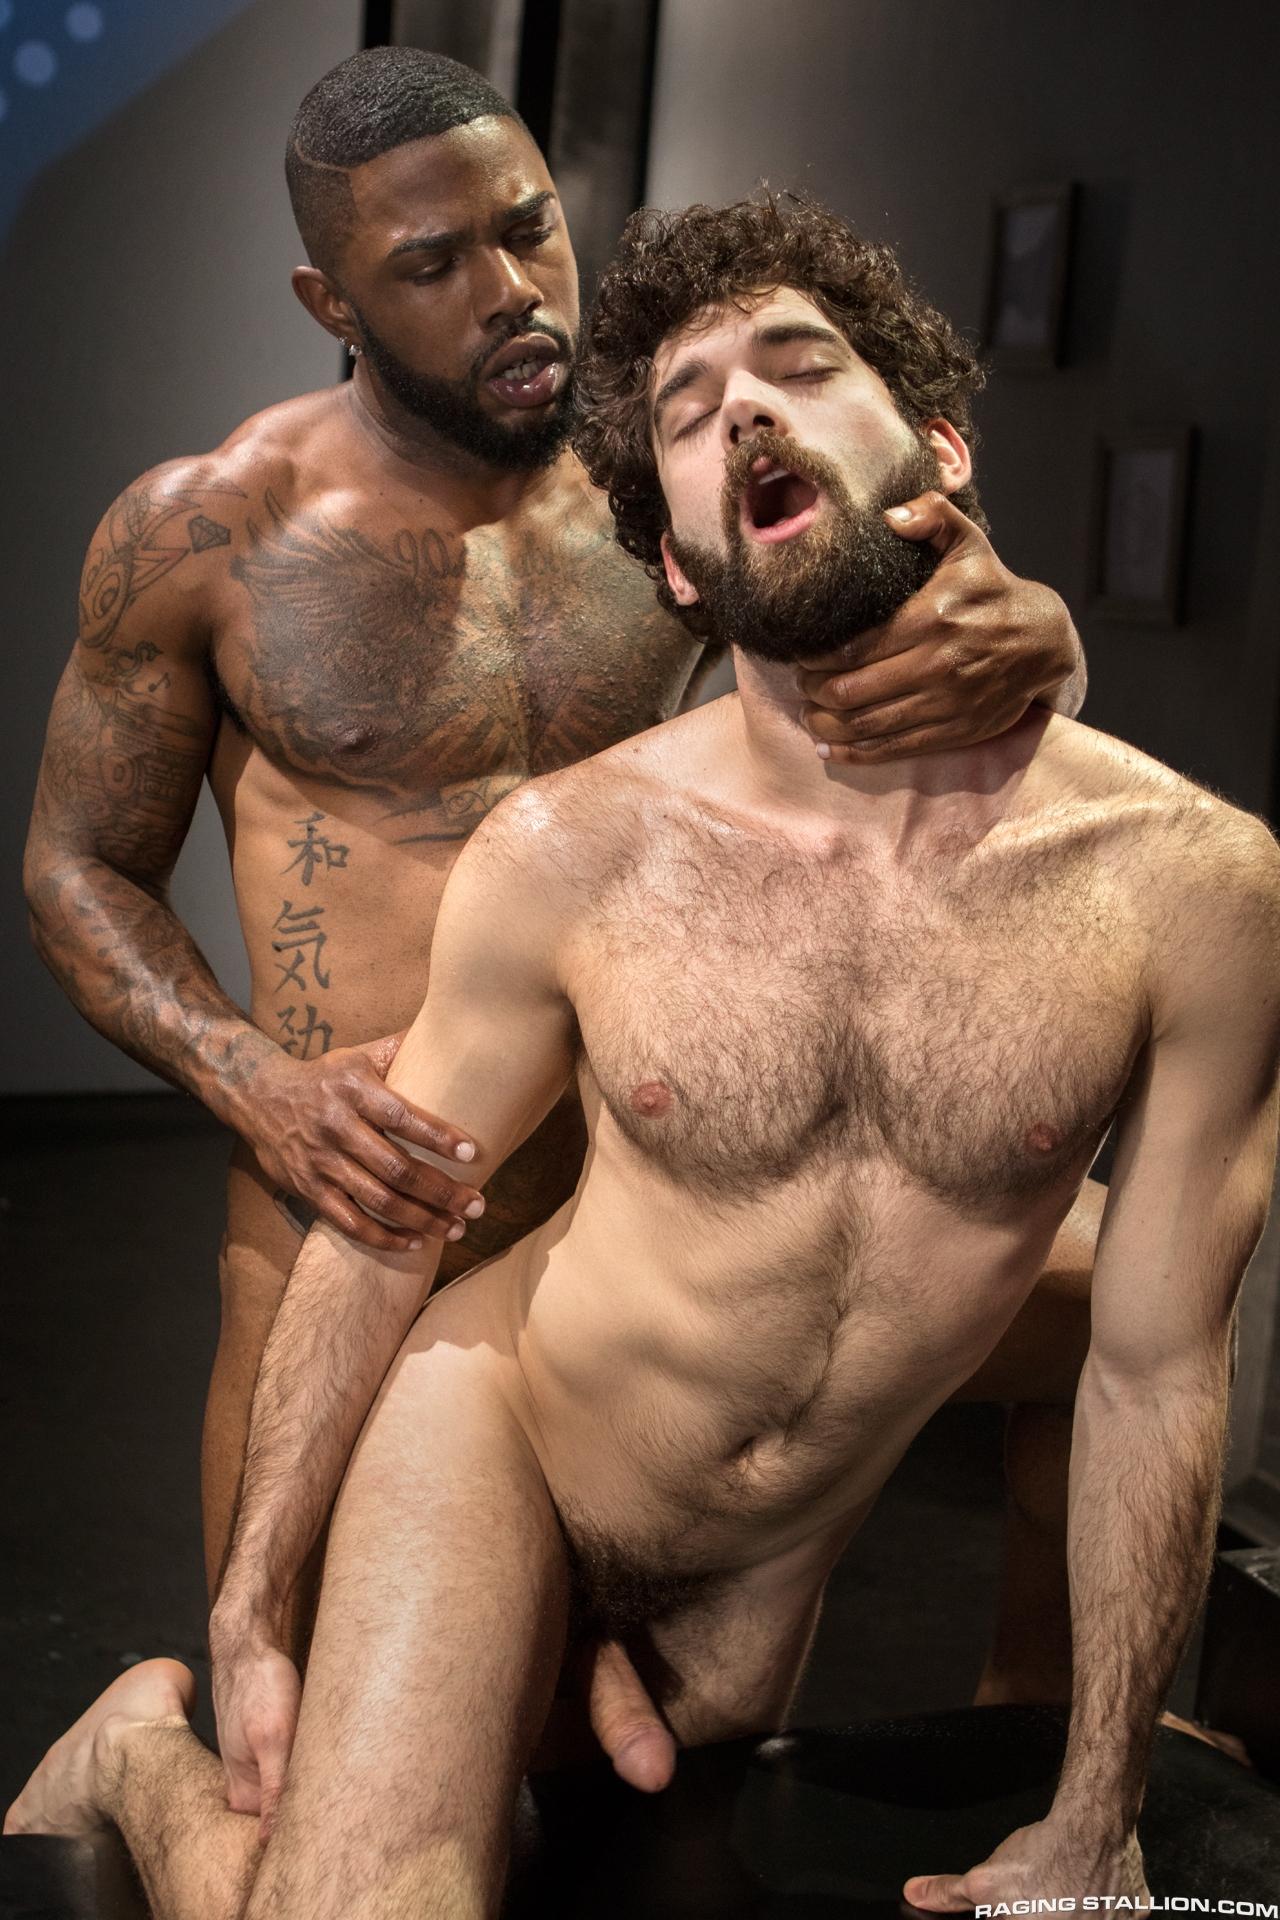 Tias con tios negros sexo interracial en fotos porno